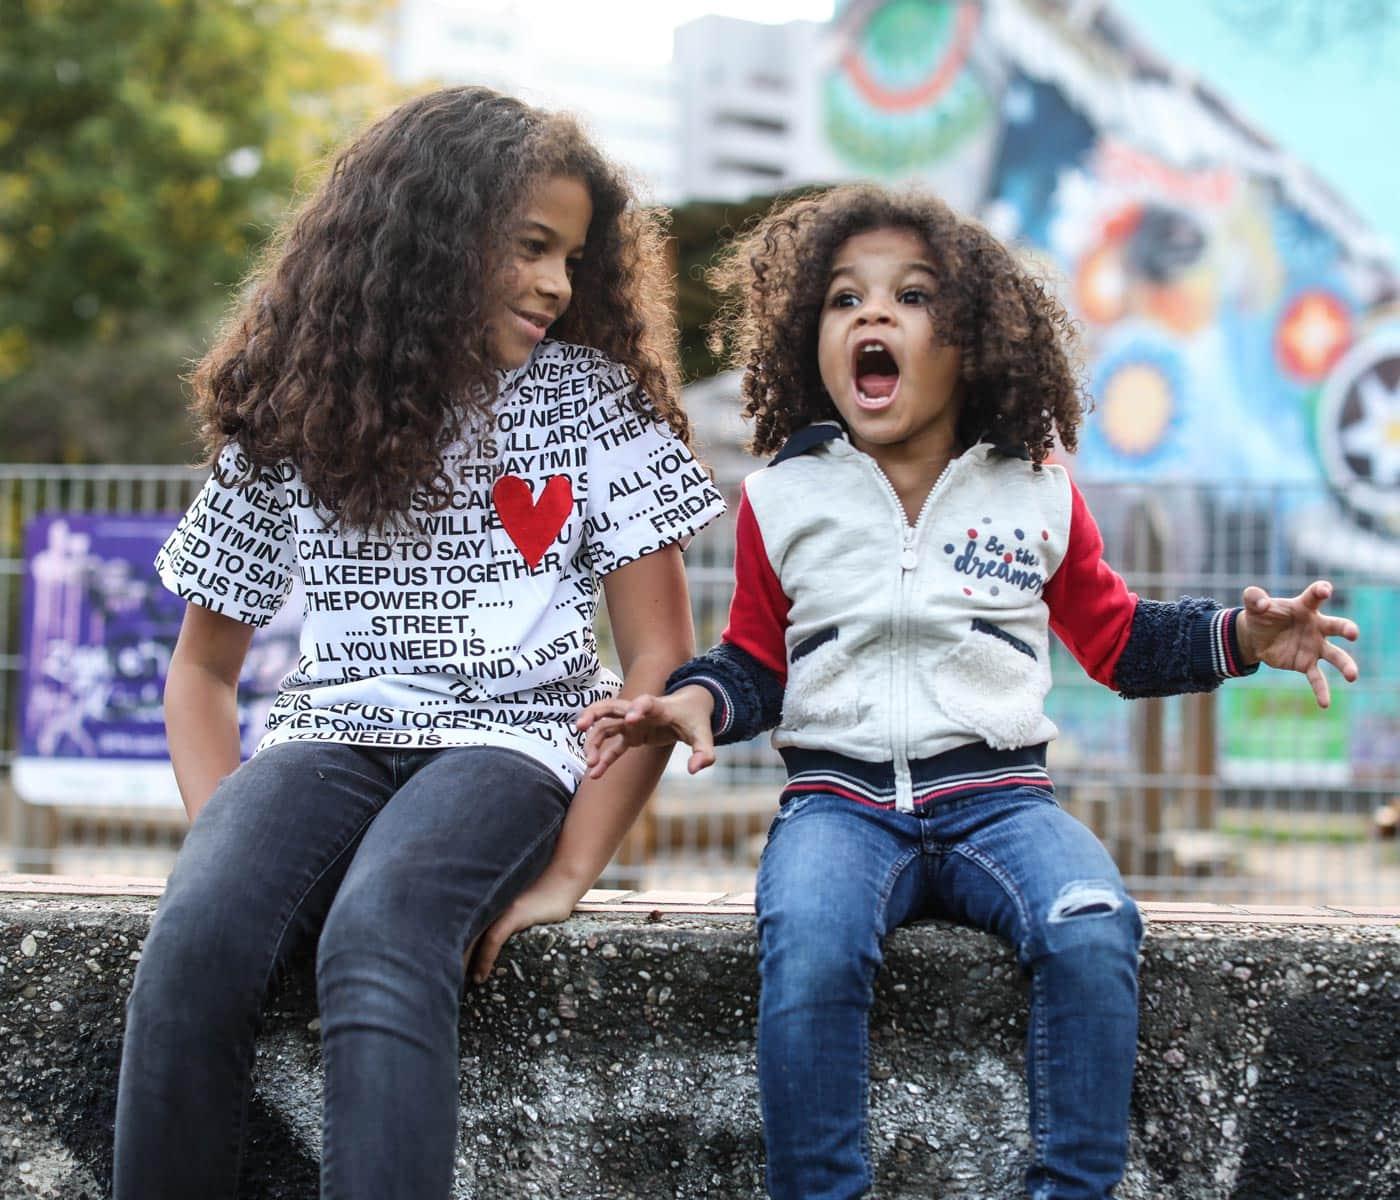 State of Kind: Mentale Gesundheit von Kindern stärken mit positiven Botschaften // HIMBEER